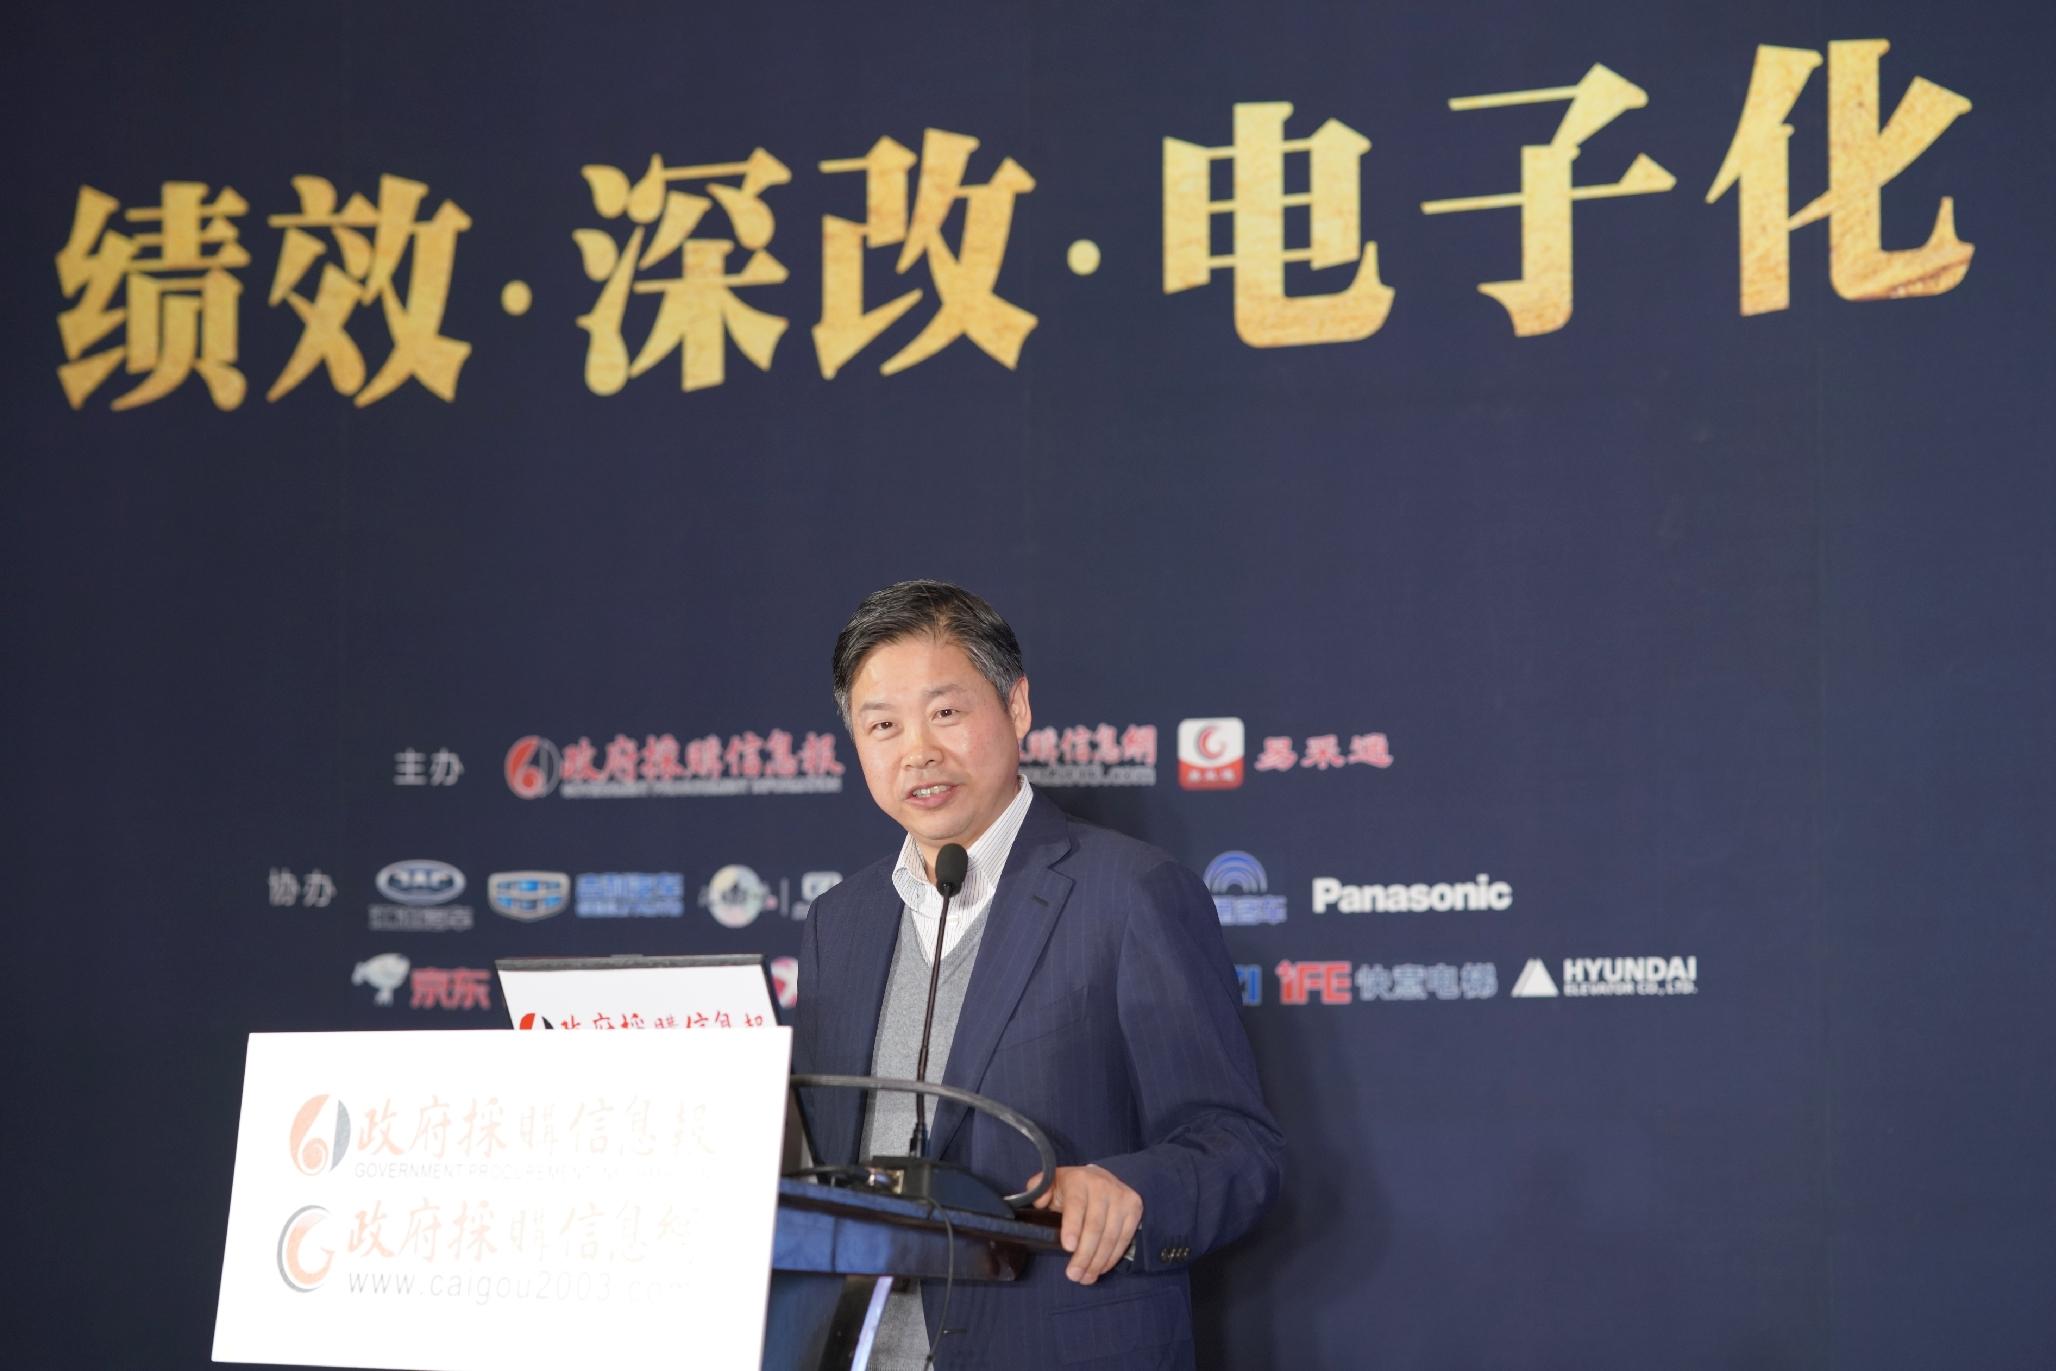 14届集采年会新年演讲:王文钦